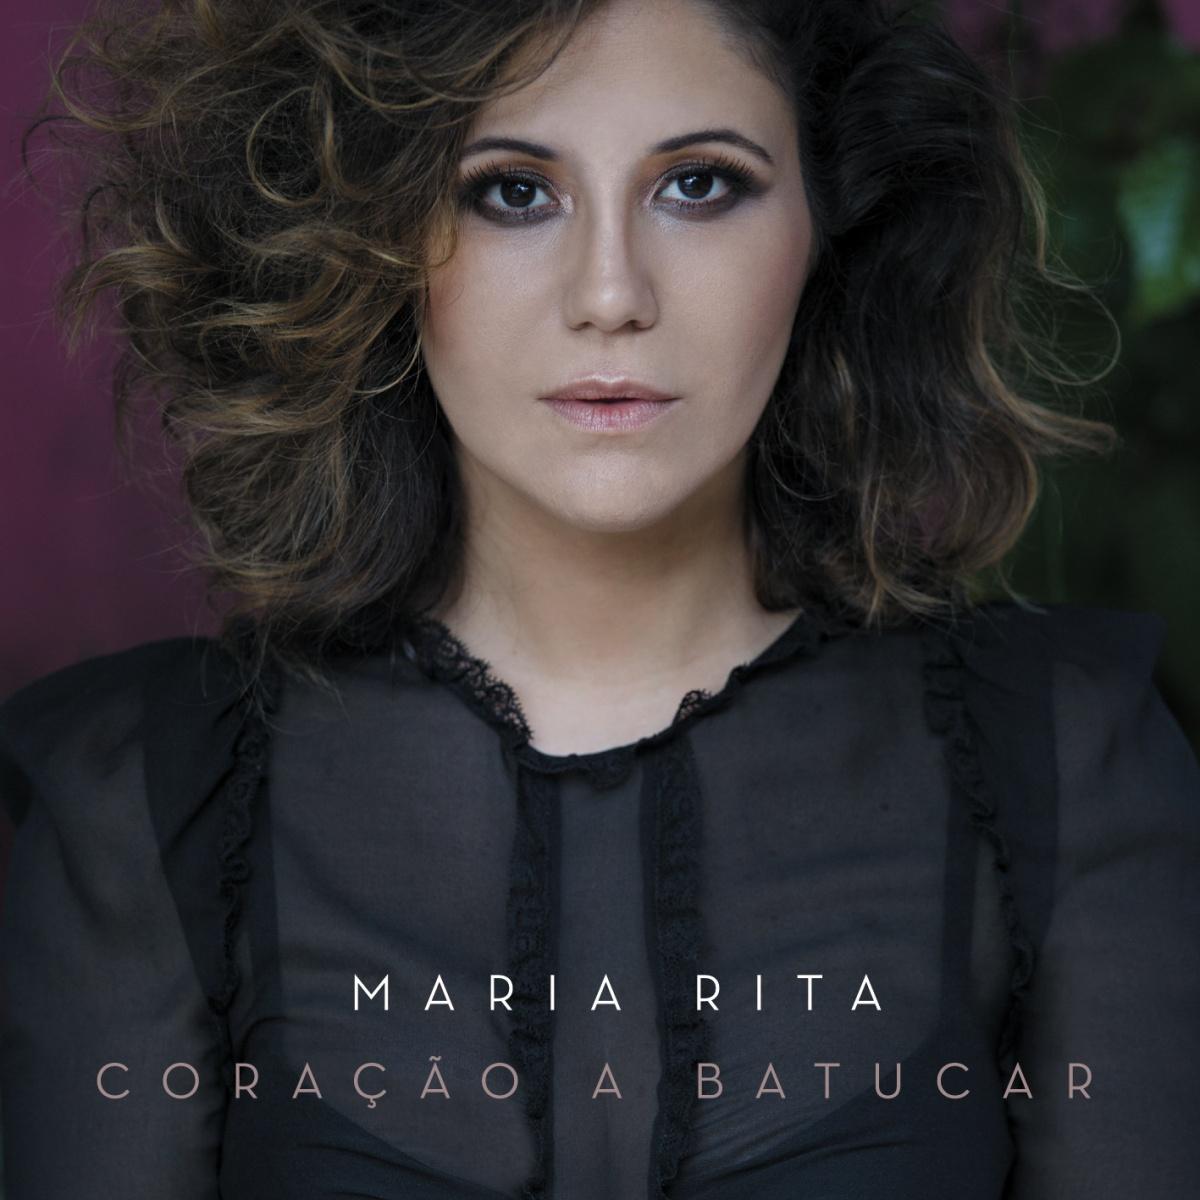 capa_cd_MariaRita_divulgacao_140306